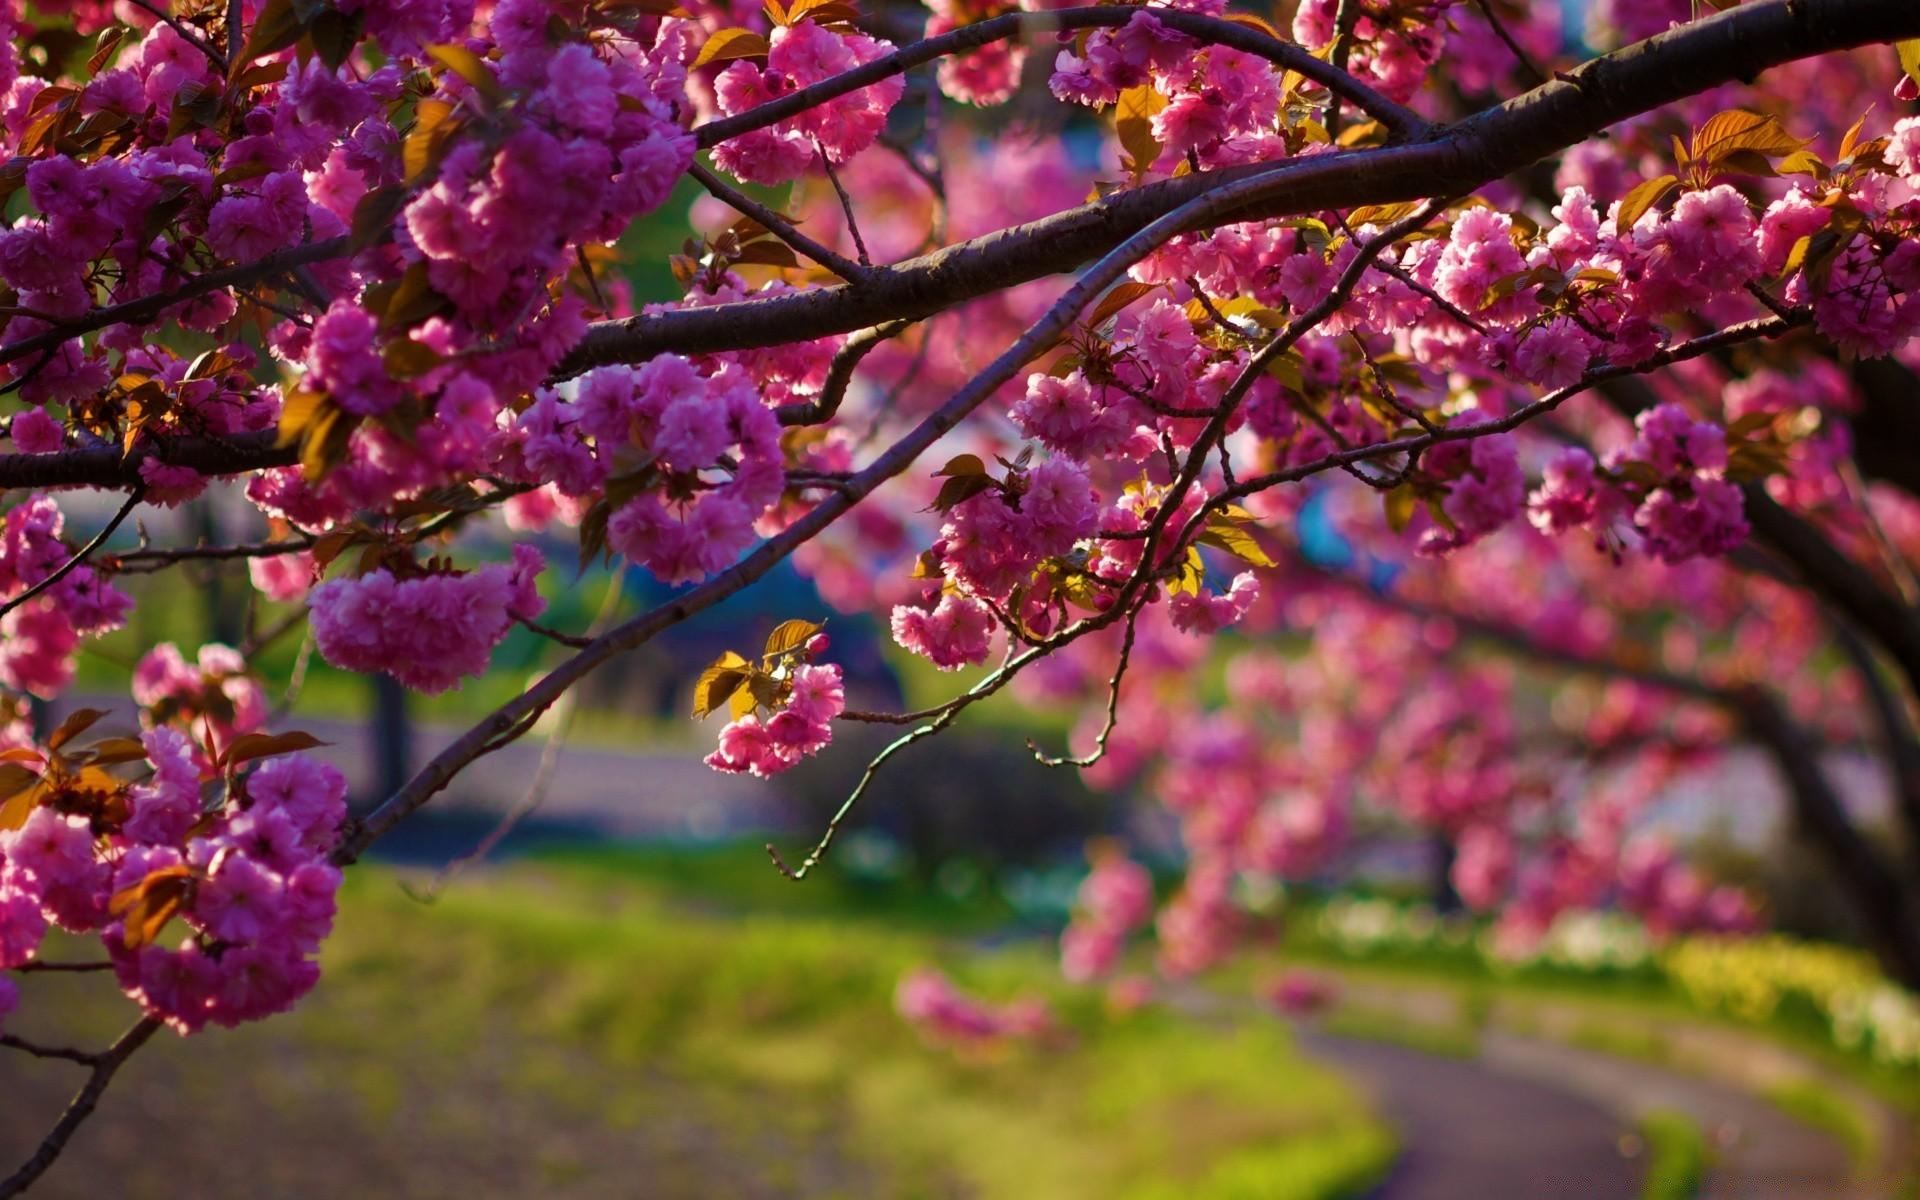 Картинки весенний пейзаж на рабочий стол на весь экран красивые, февраля своими руками